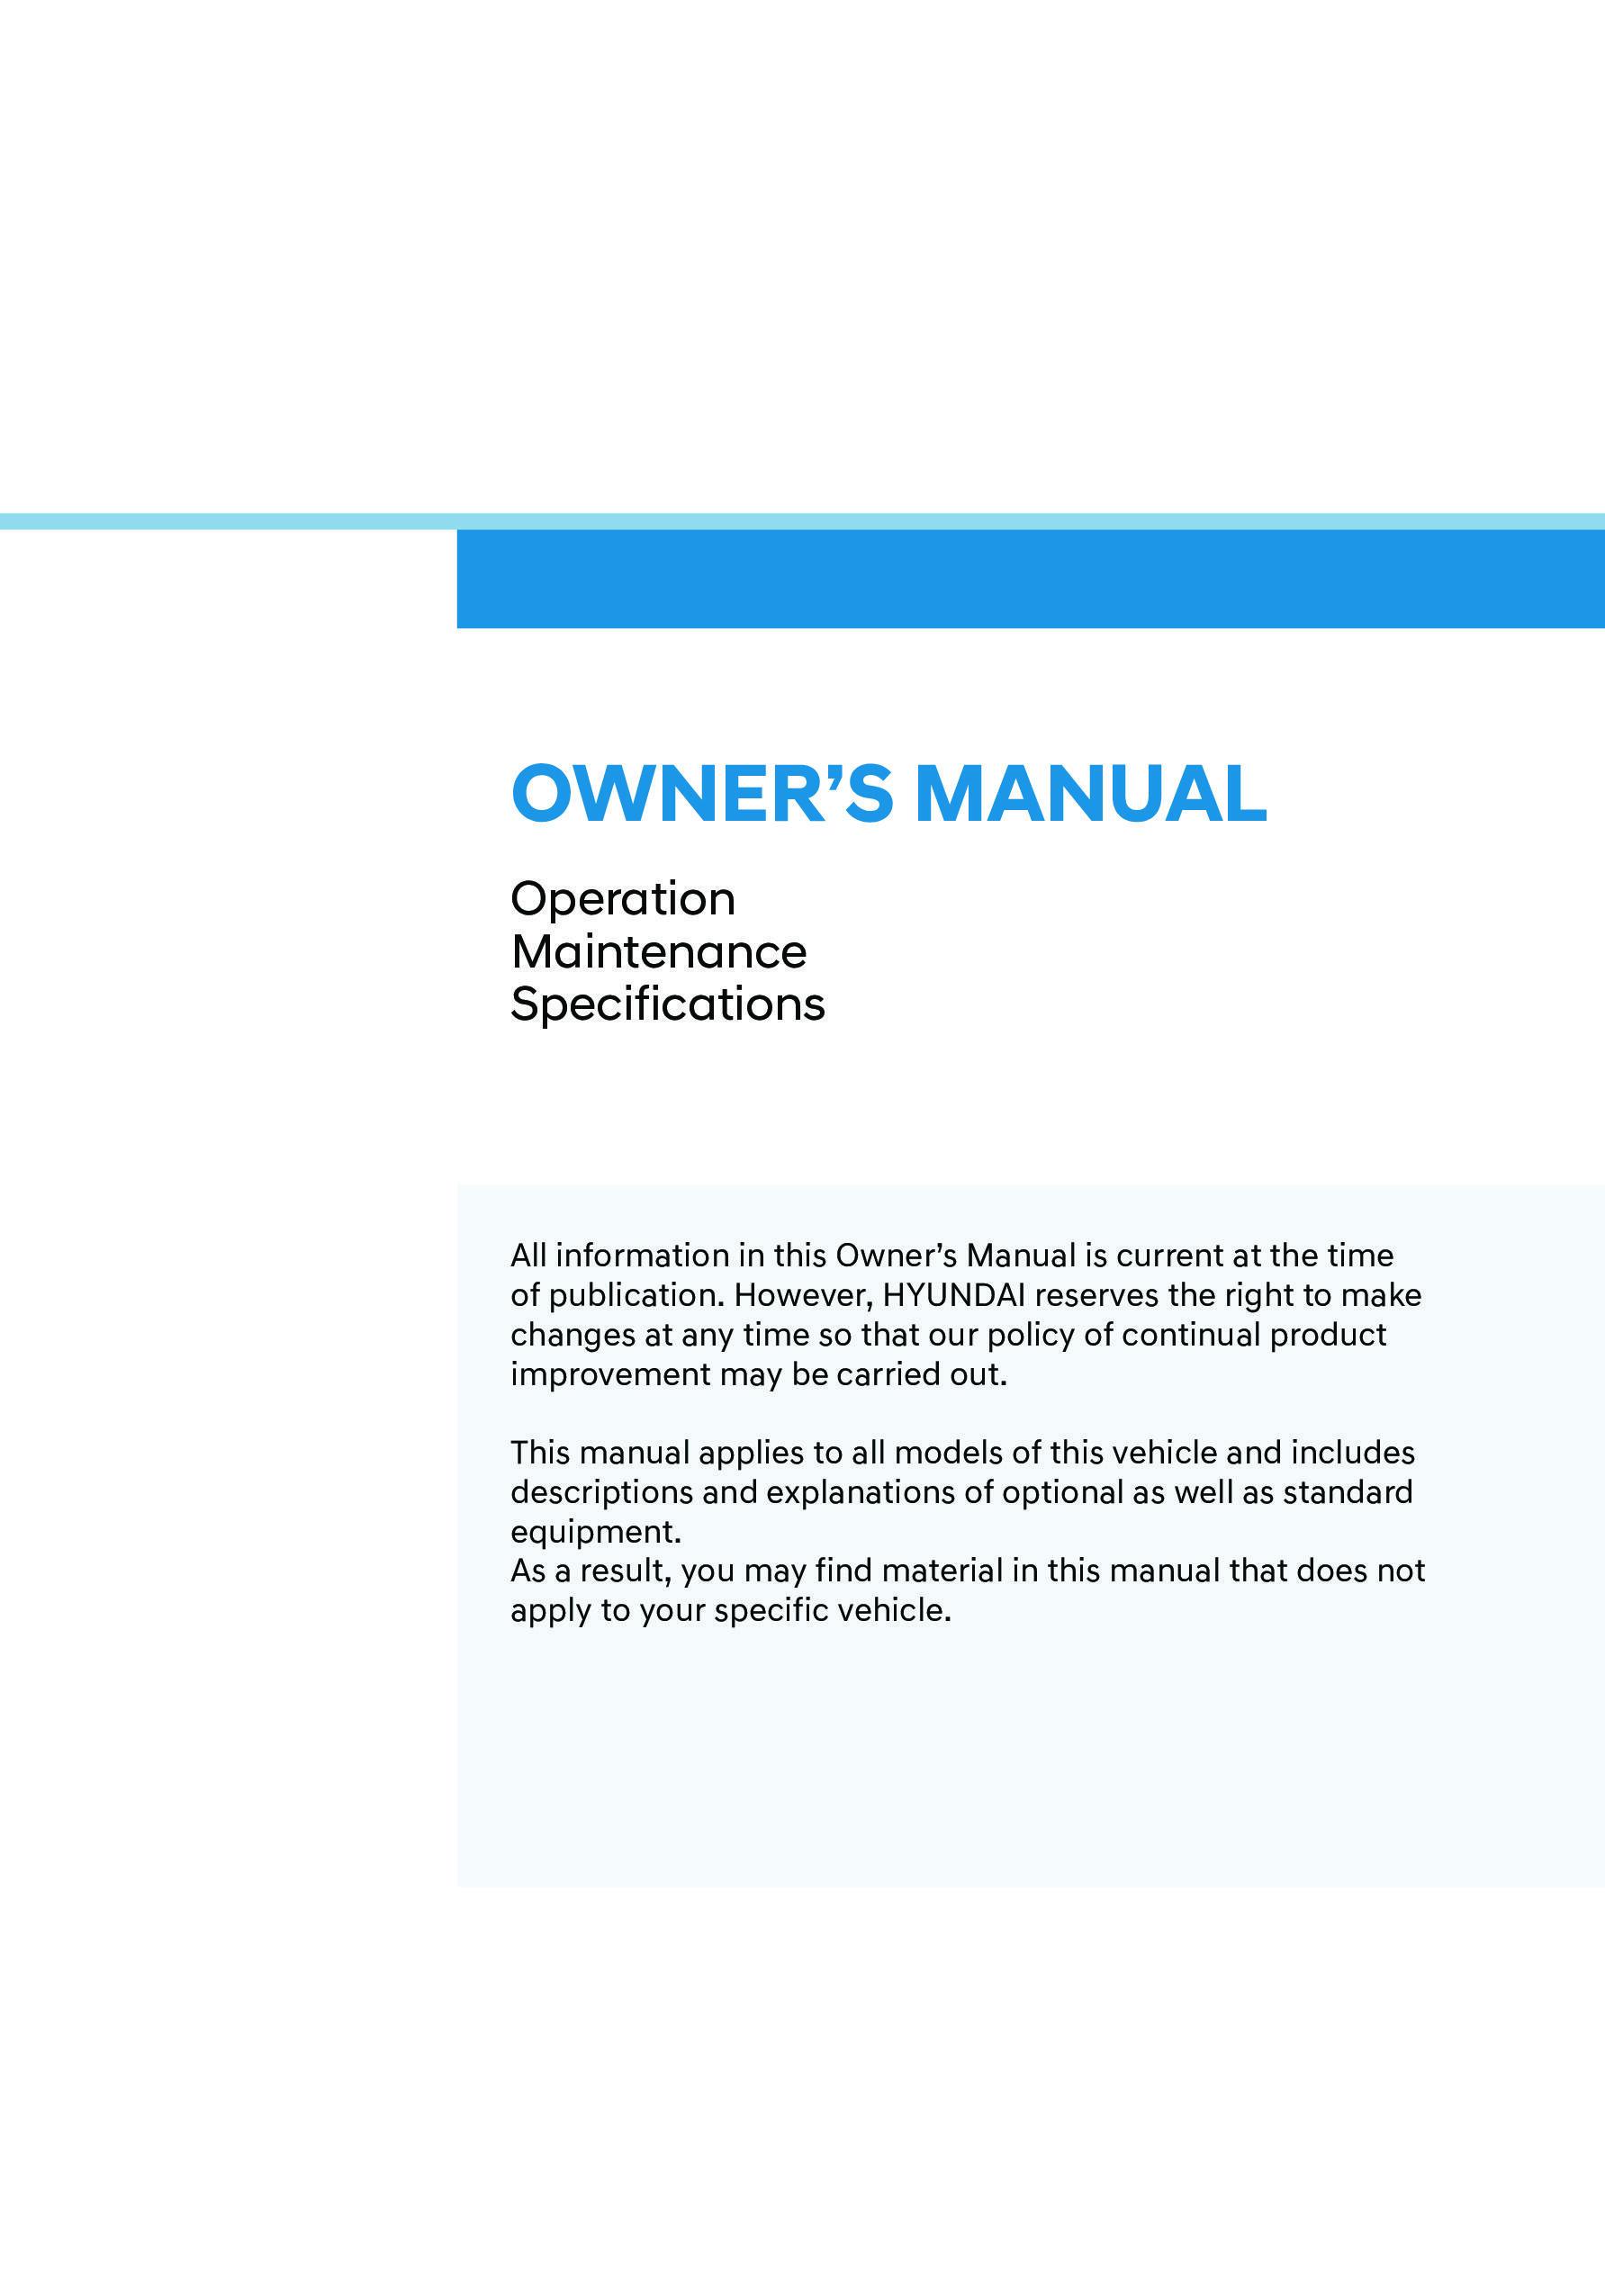 2022 Hyundai Tucson owners manual